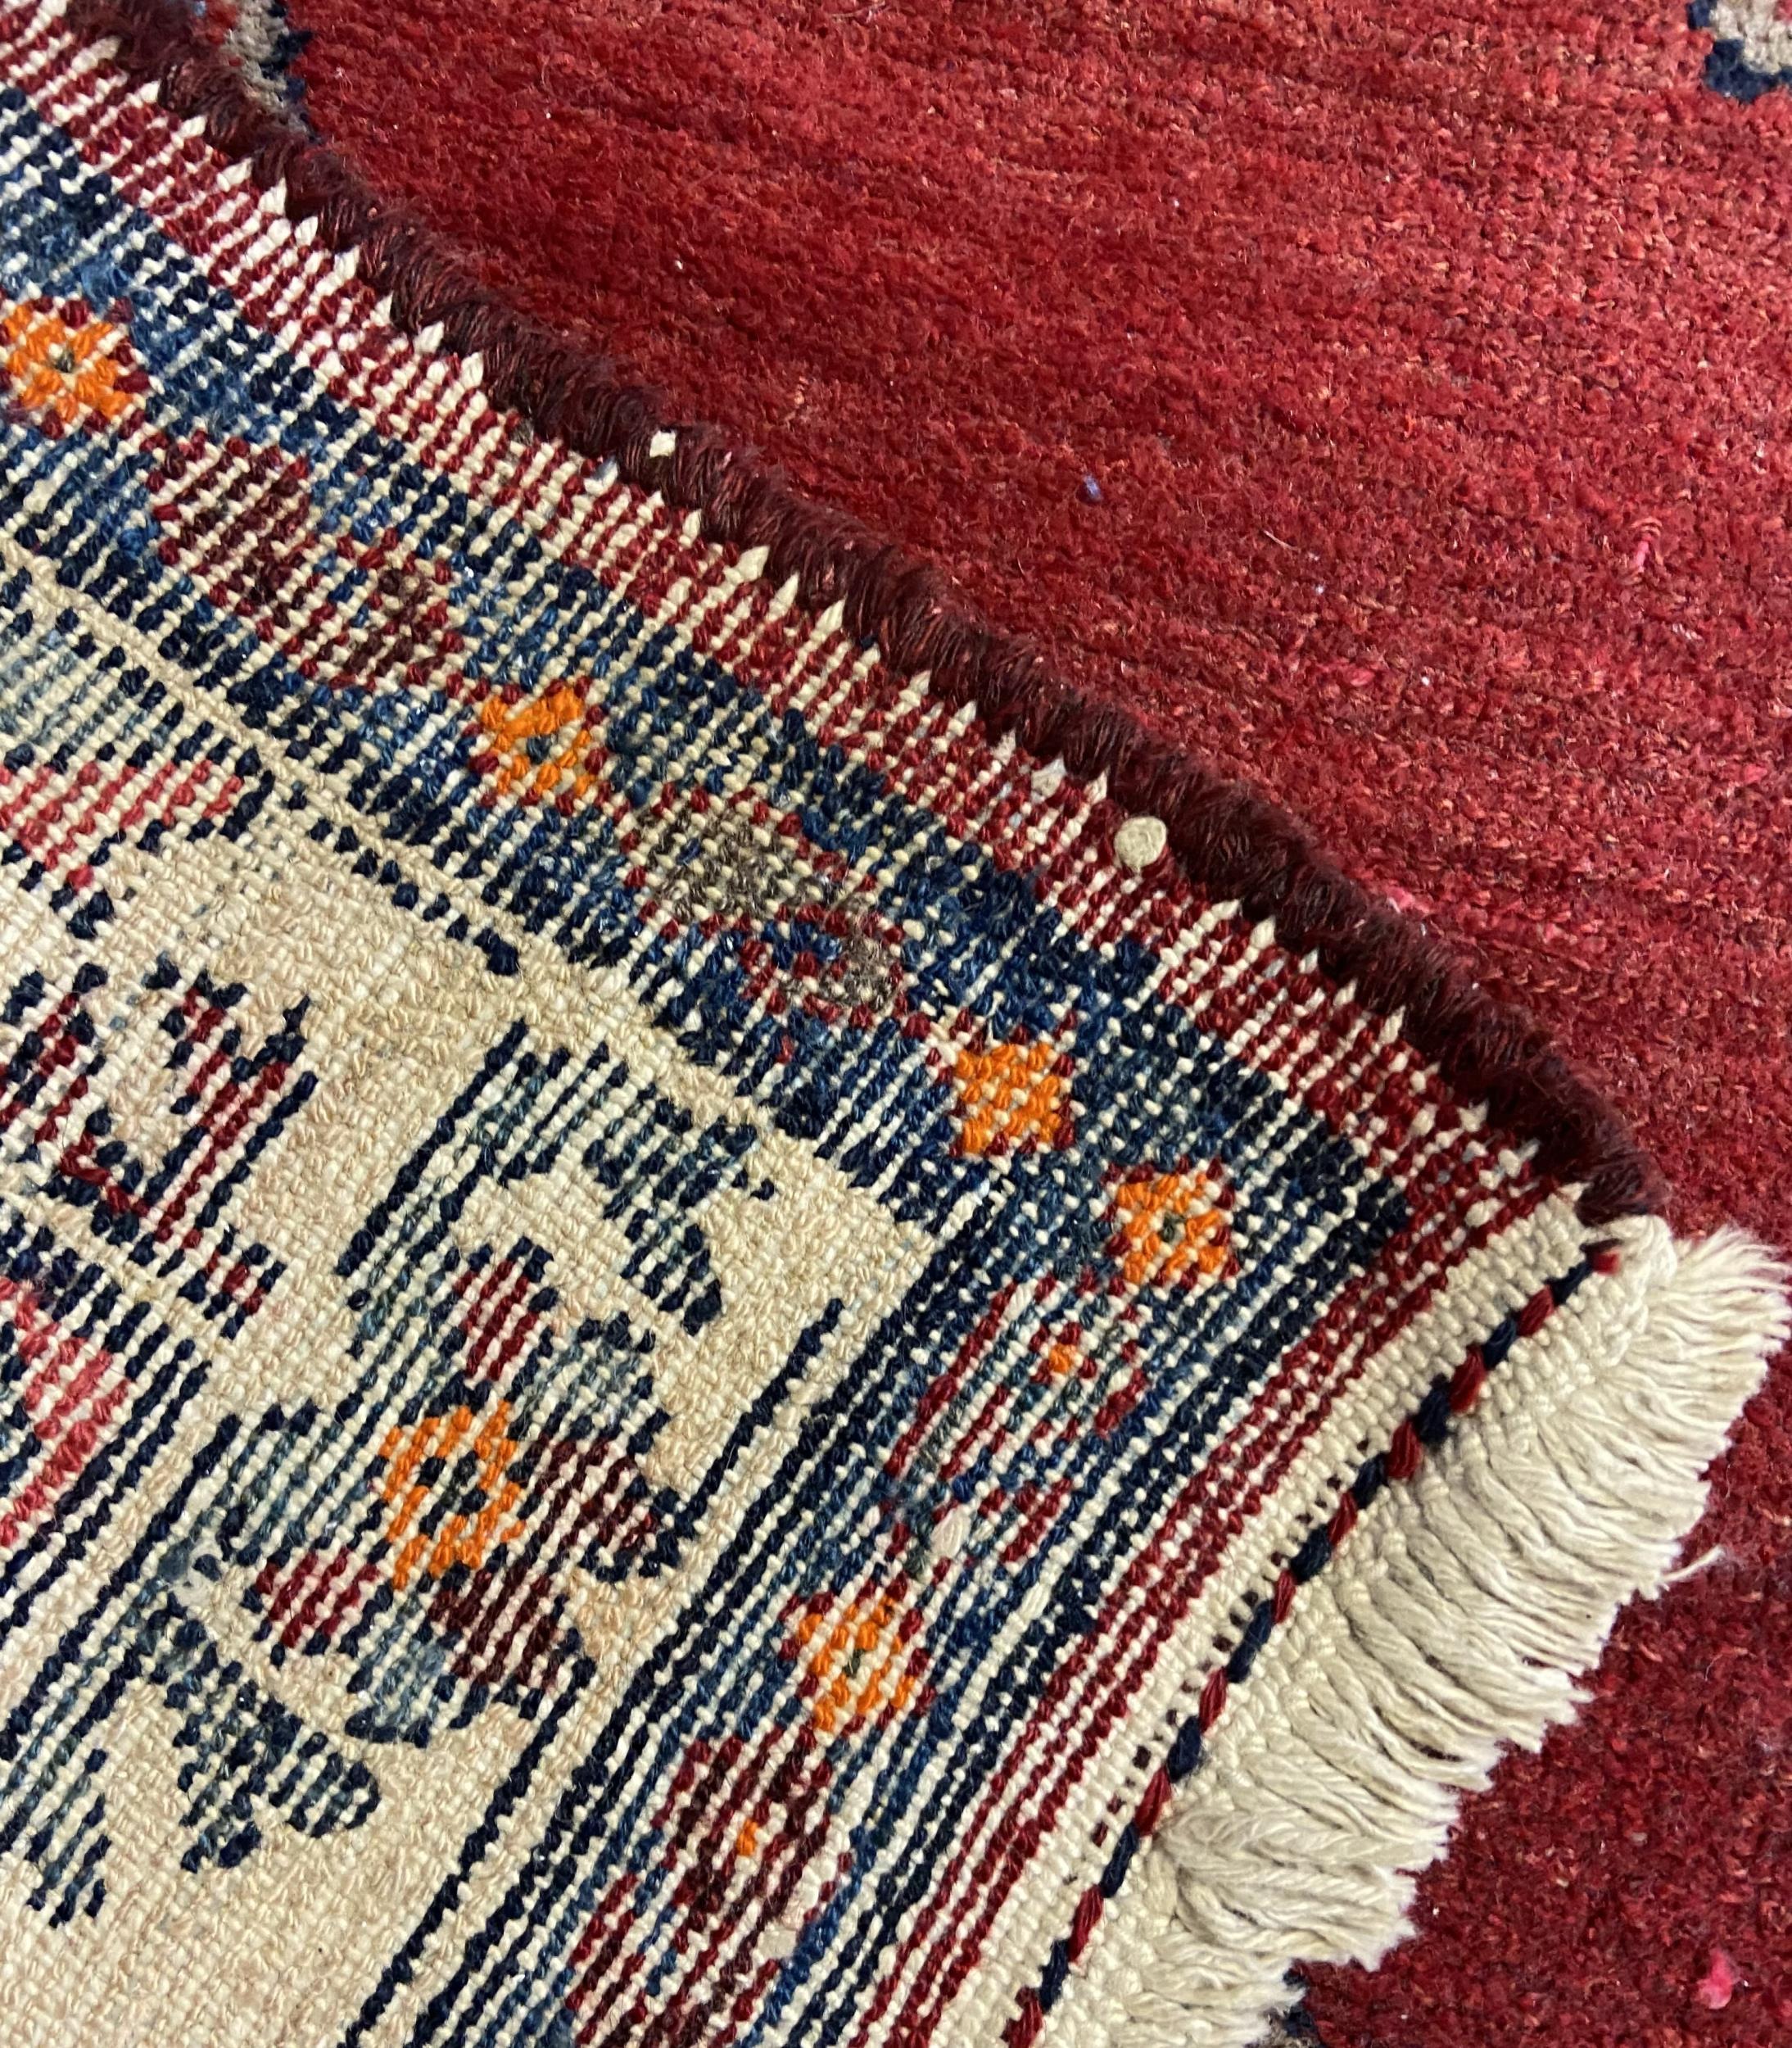 Antique hand made Iranian rug.[185x102cm] - Image 3 of 4